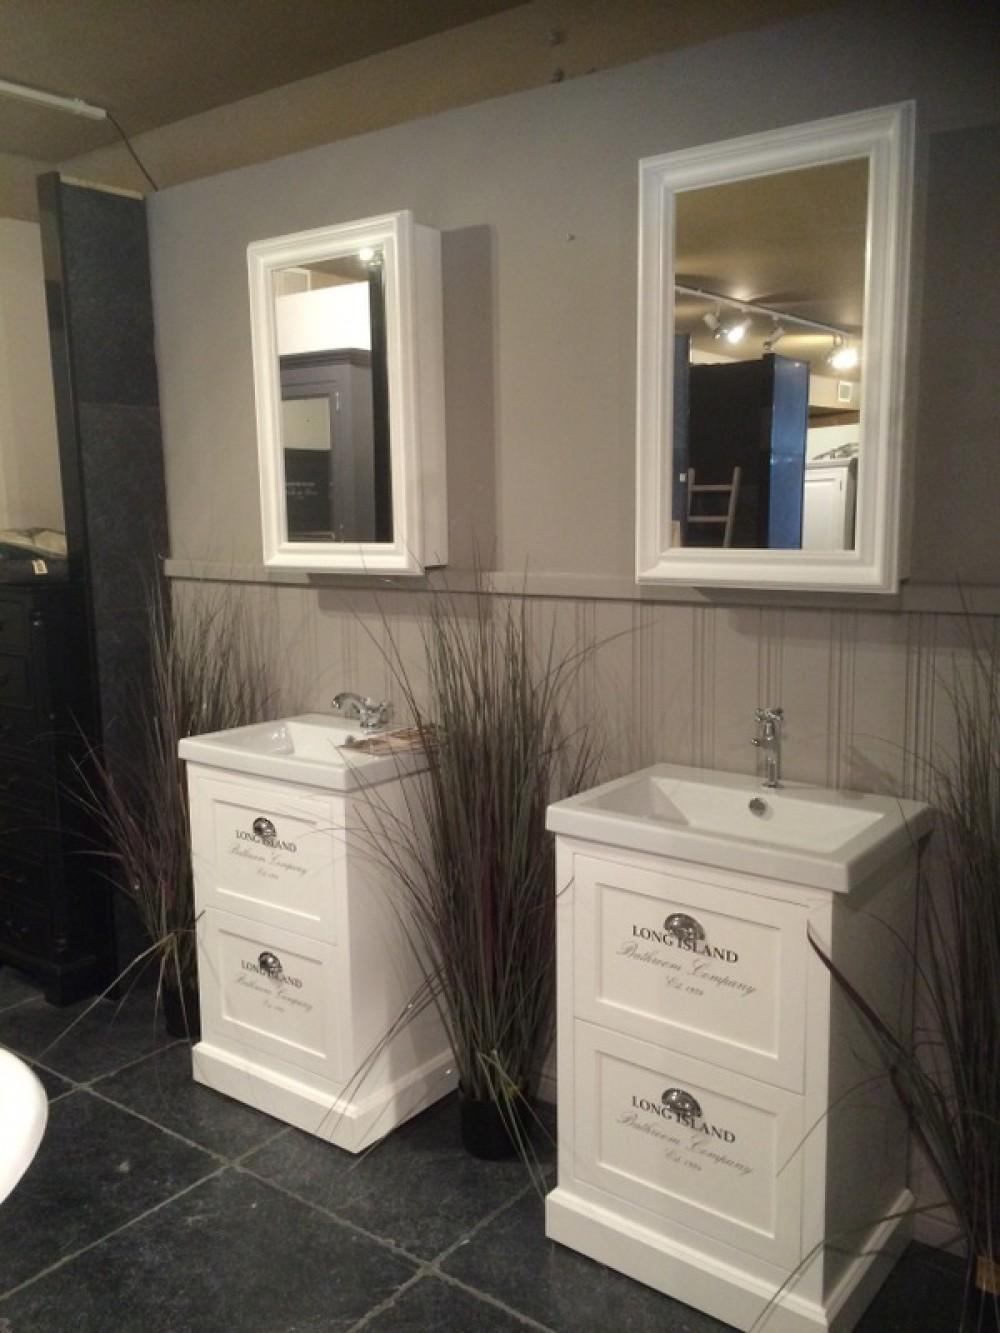 waschtisch wei mit einem spiegelschrank im landhausstil. Black Bedroom Furniture Sets. Home Design Ideas